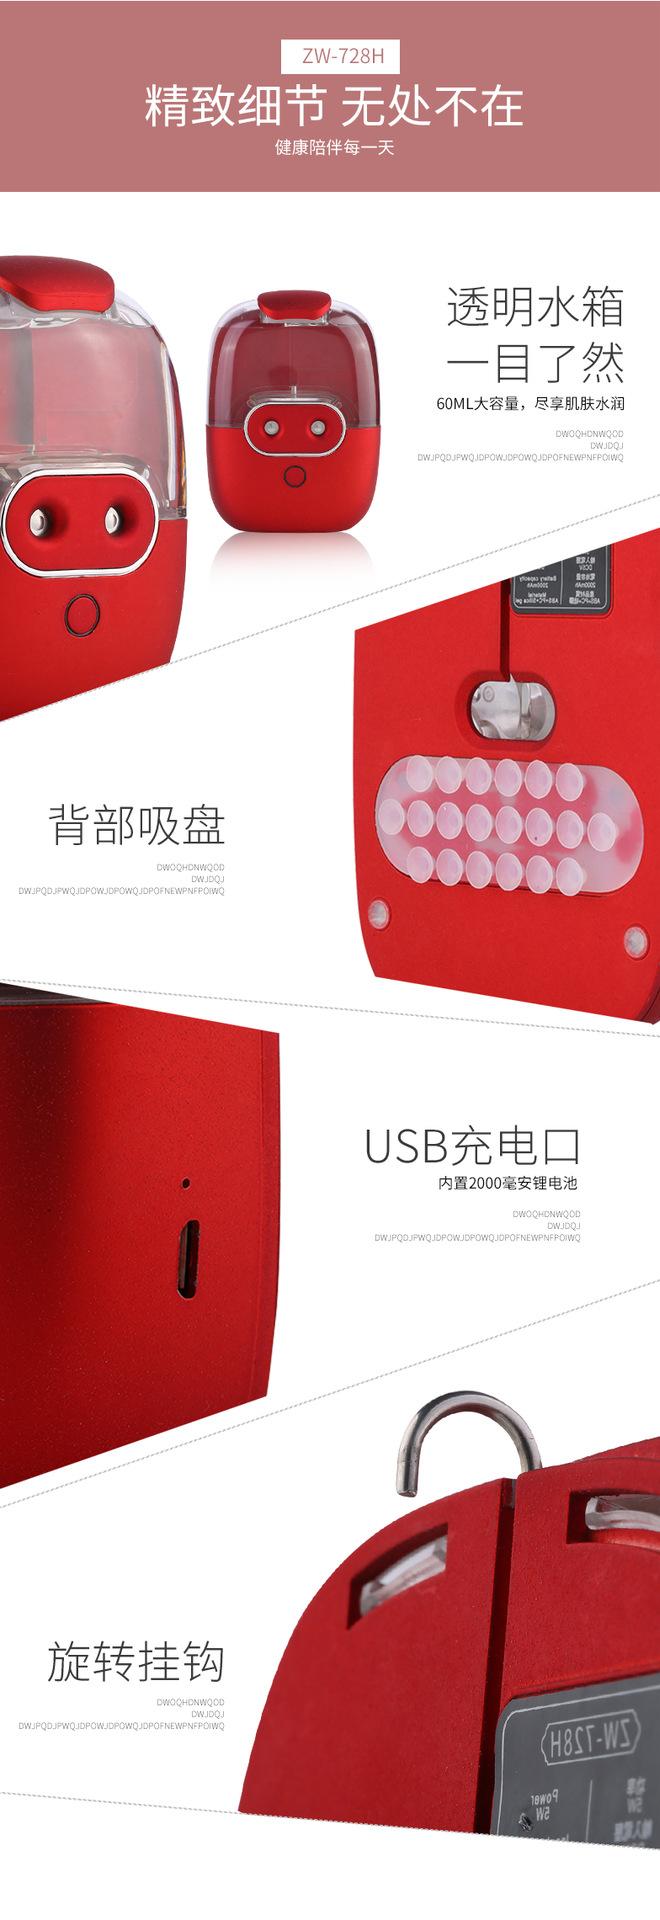 加湿器设计_产品外观设计-来设计